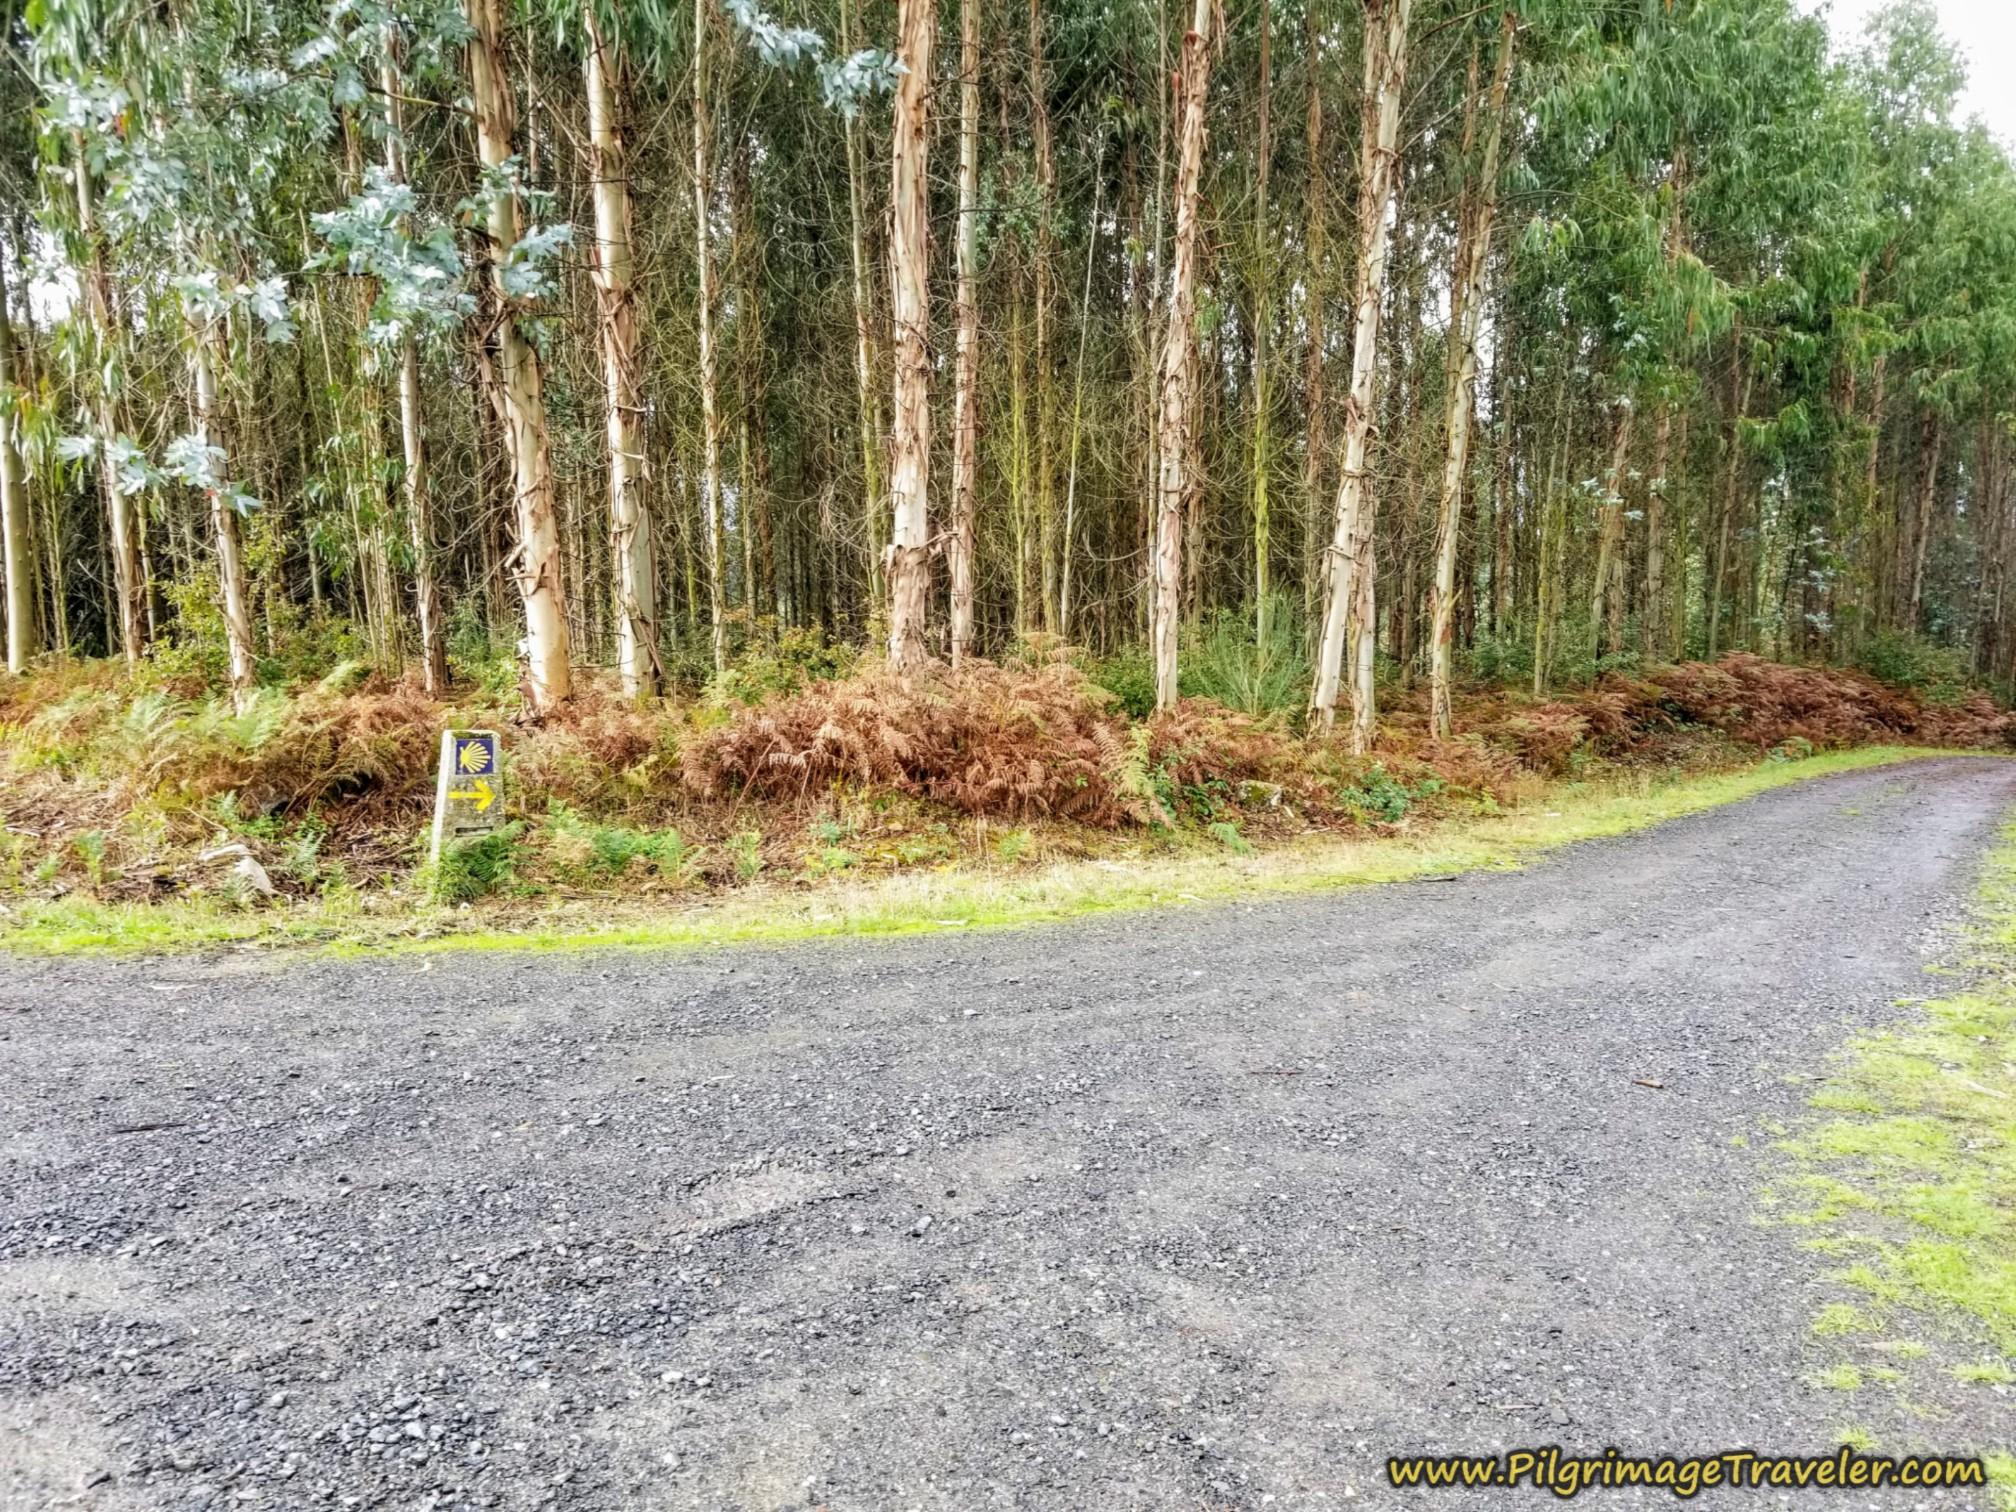 Continue Onward Through Eucalyptus Forest, Camino Sanabrés, Estación de Lalín to Bandeira